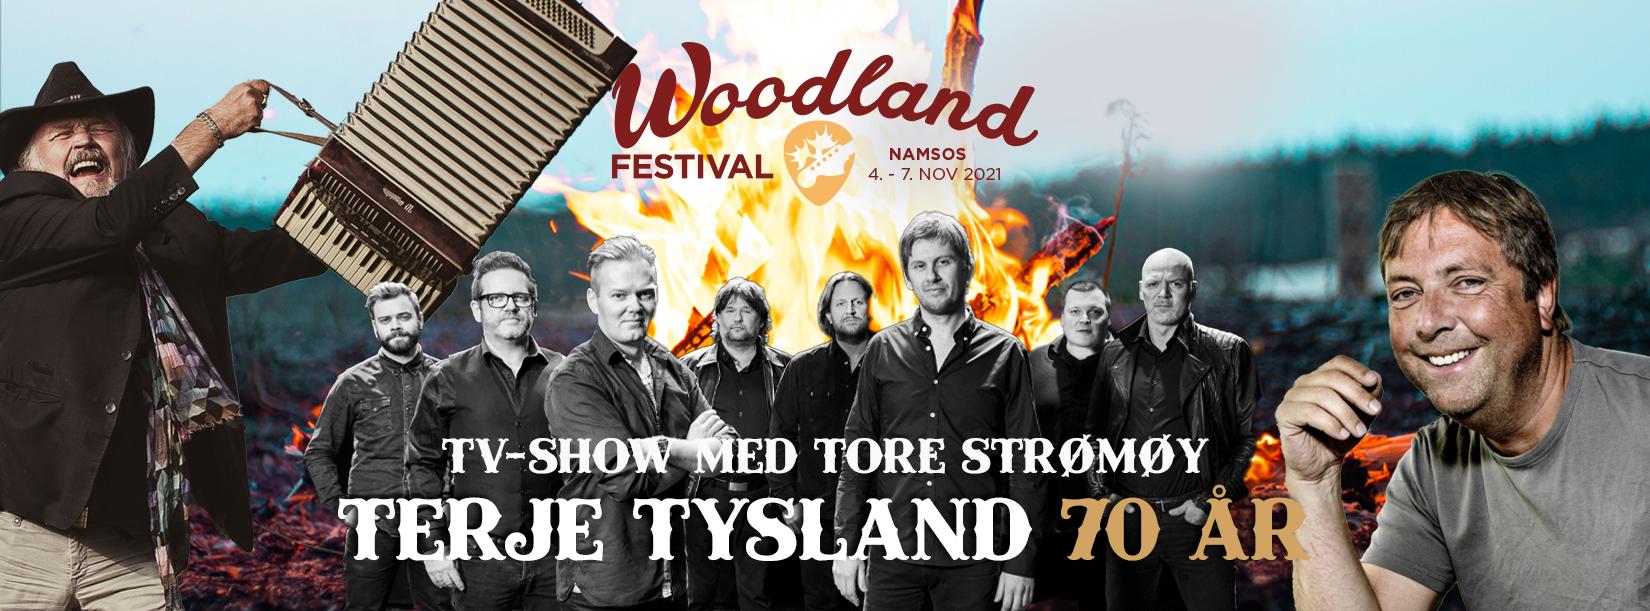 Forsidebilde-woodland-TV-show